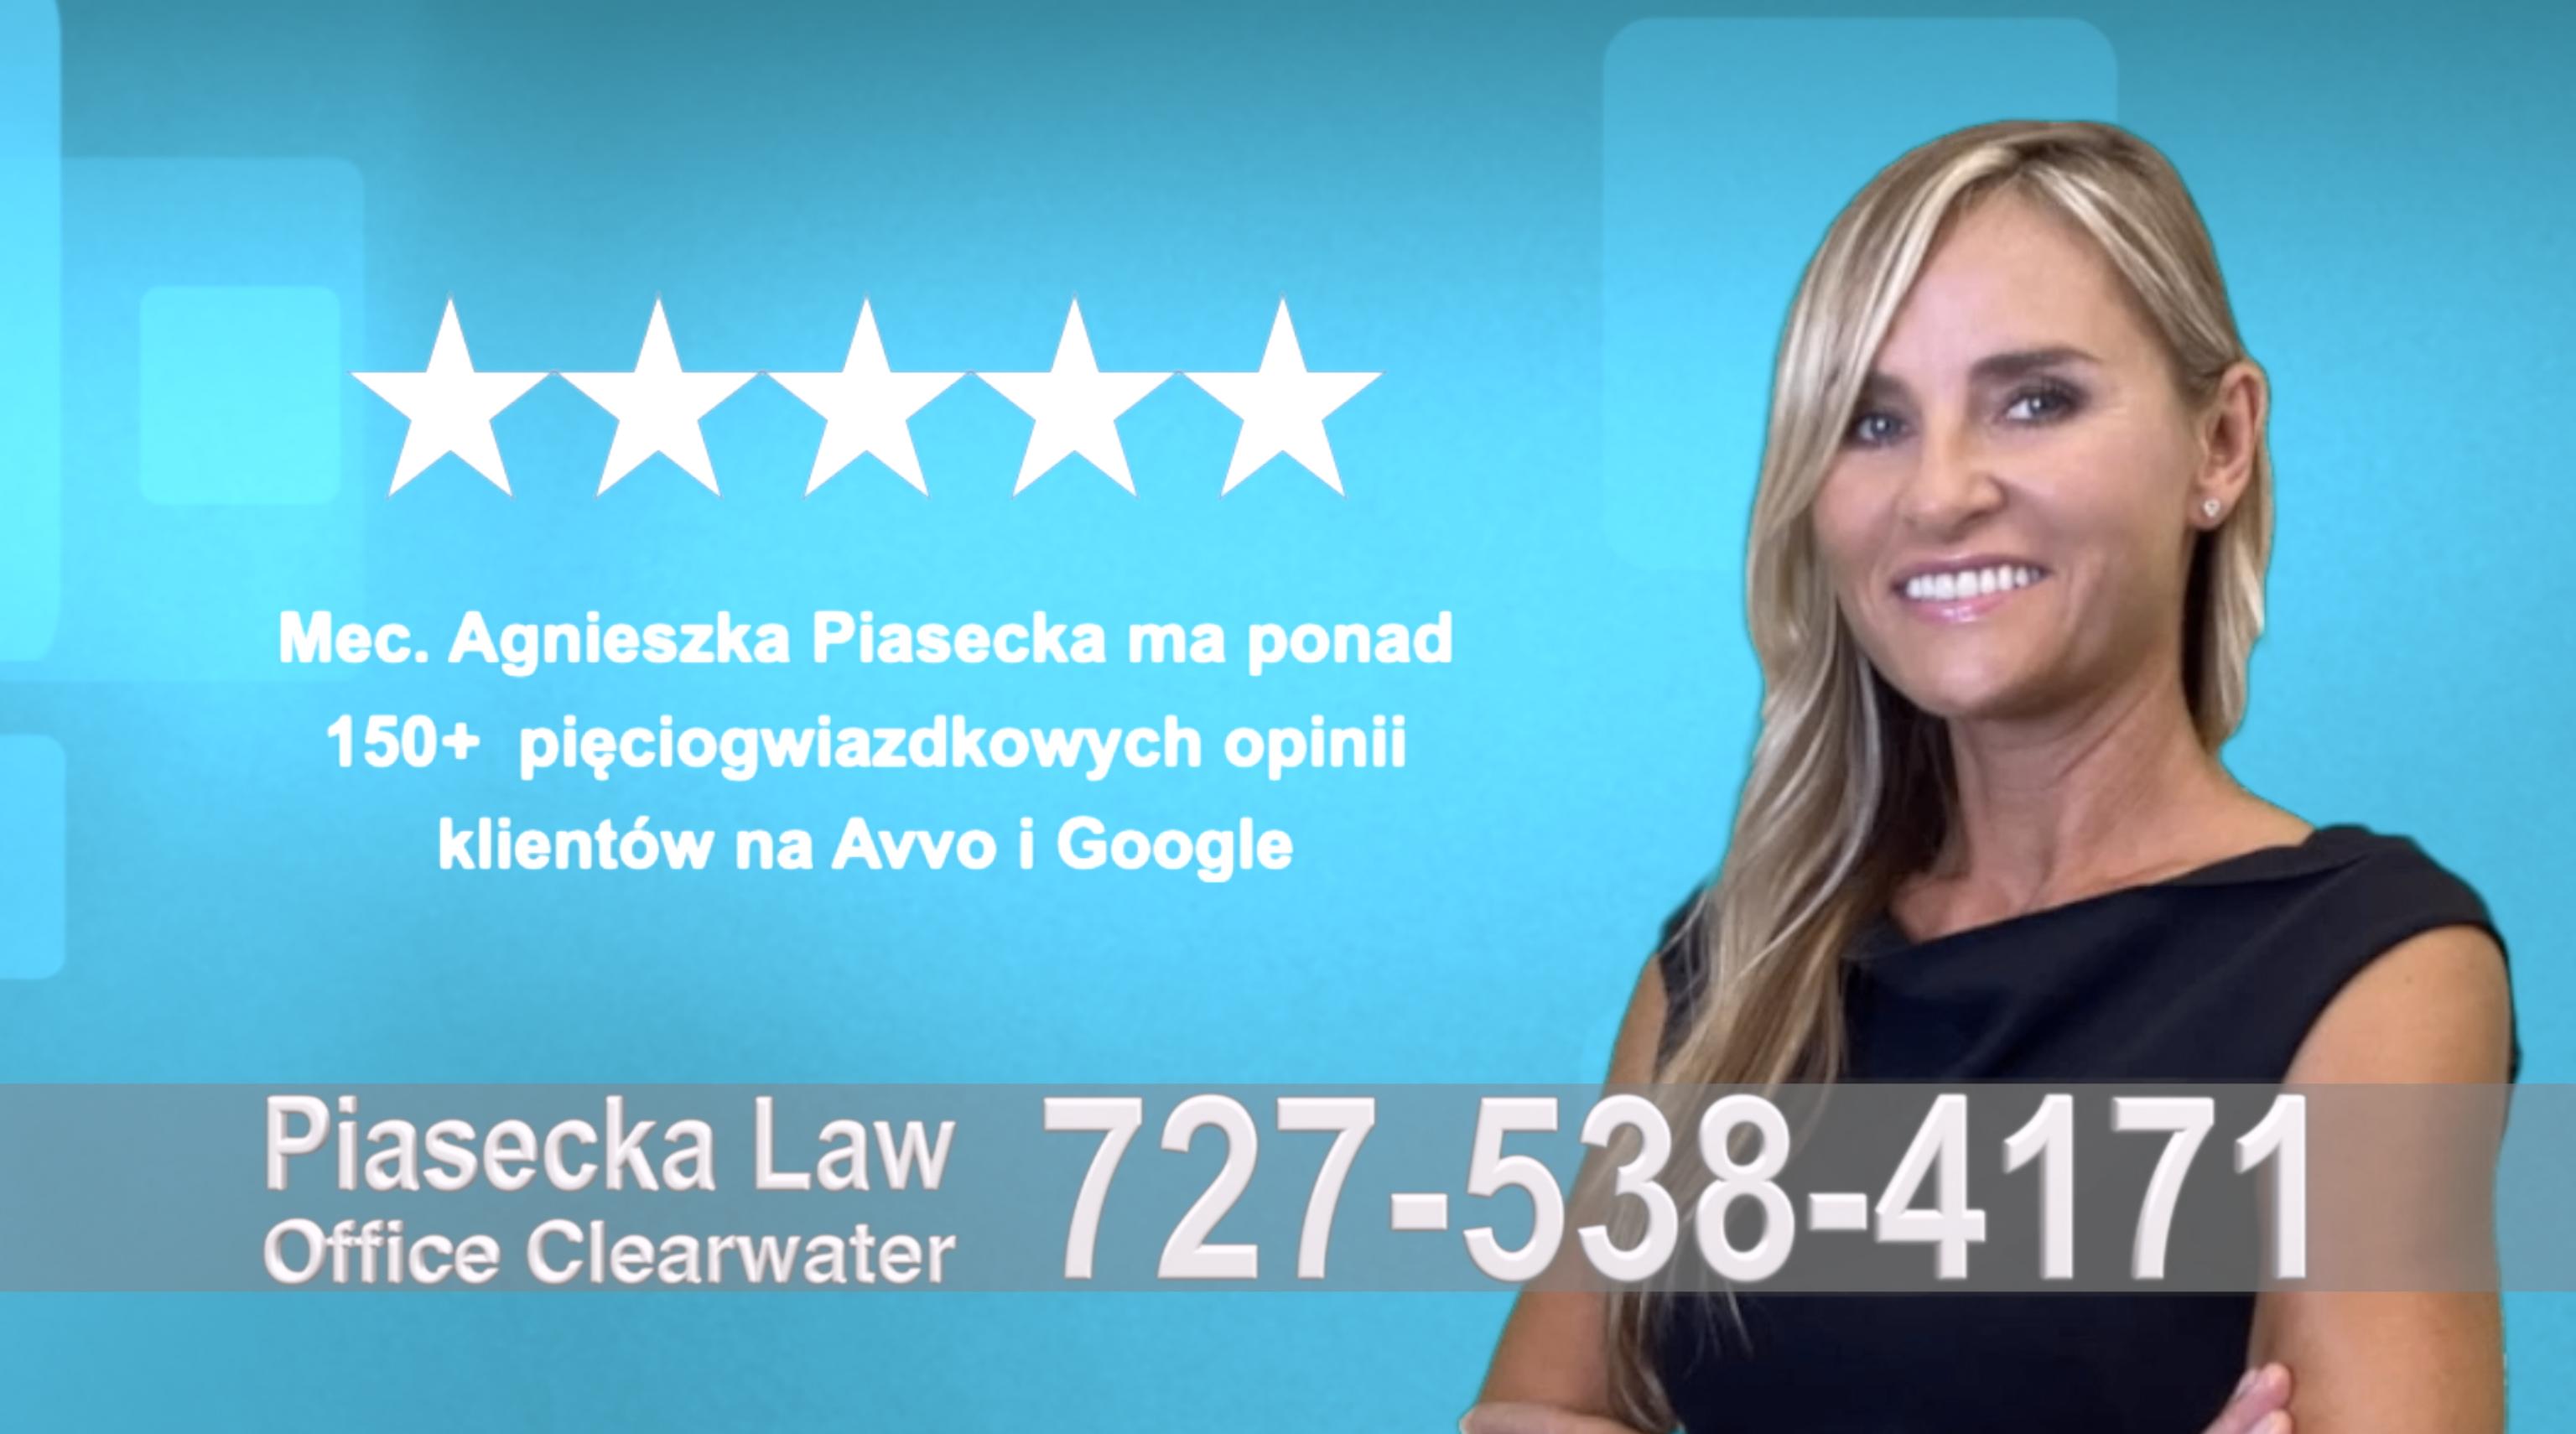 Polish Immigration Attorney Agnieszka, Aga, Piasecka, Polish, Lawyer, Attorney, Opinie klientów, Best, Najlepszy, Polskojęzyczny, Prawnik, Polski, Adwokat, Florida, Floryda, USA 35